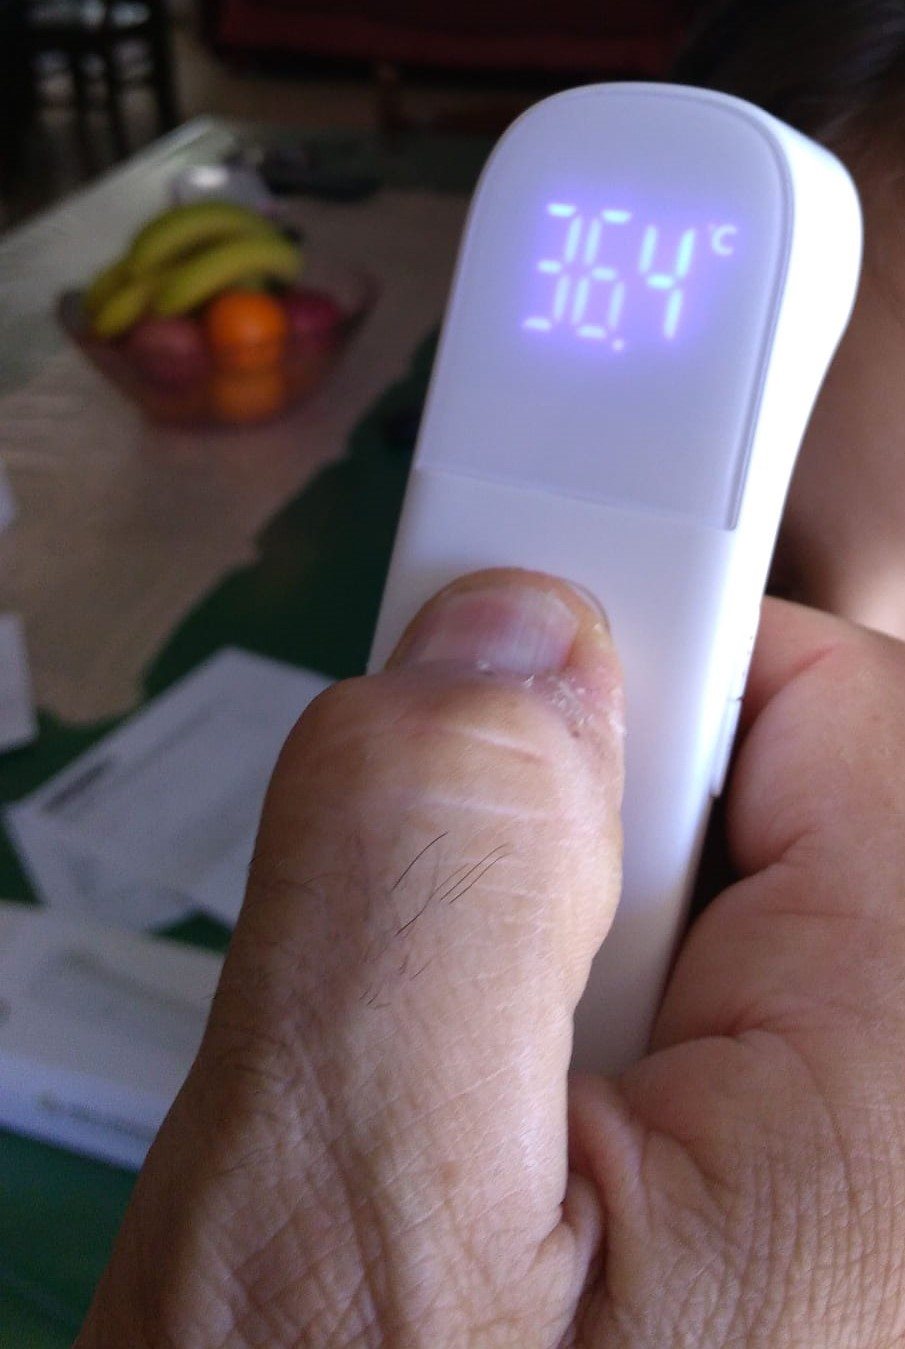 Termometro a Infrarosso Misurazione Temperatura Corporea – Termoscanner Emergenza COVID 19 Termometro Infrarosso Per Temperatura Corporea – Emergenza Covid – Prezzo Shock Euro 38,00- IVA INCLUSA